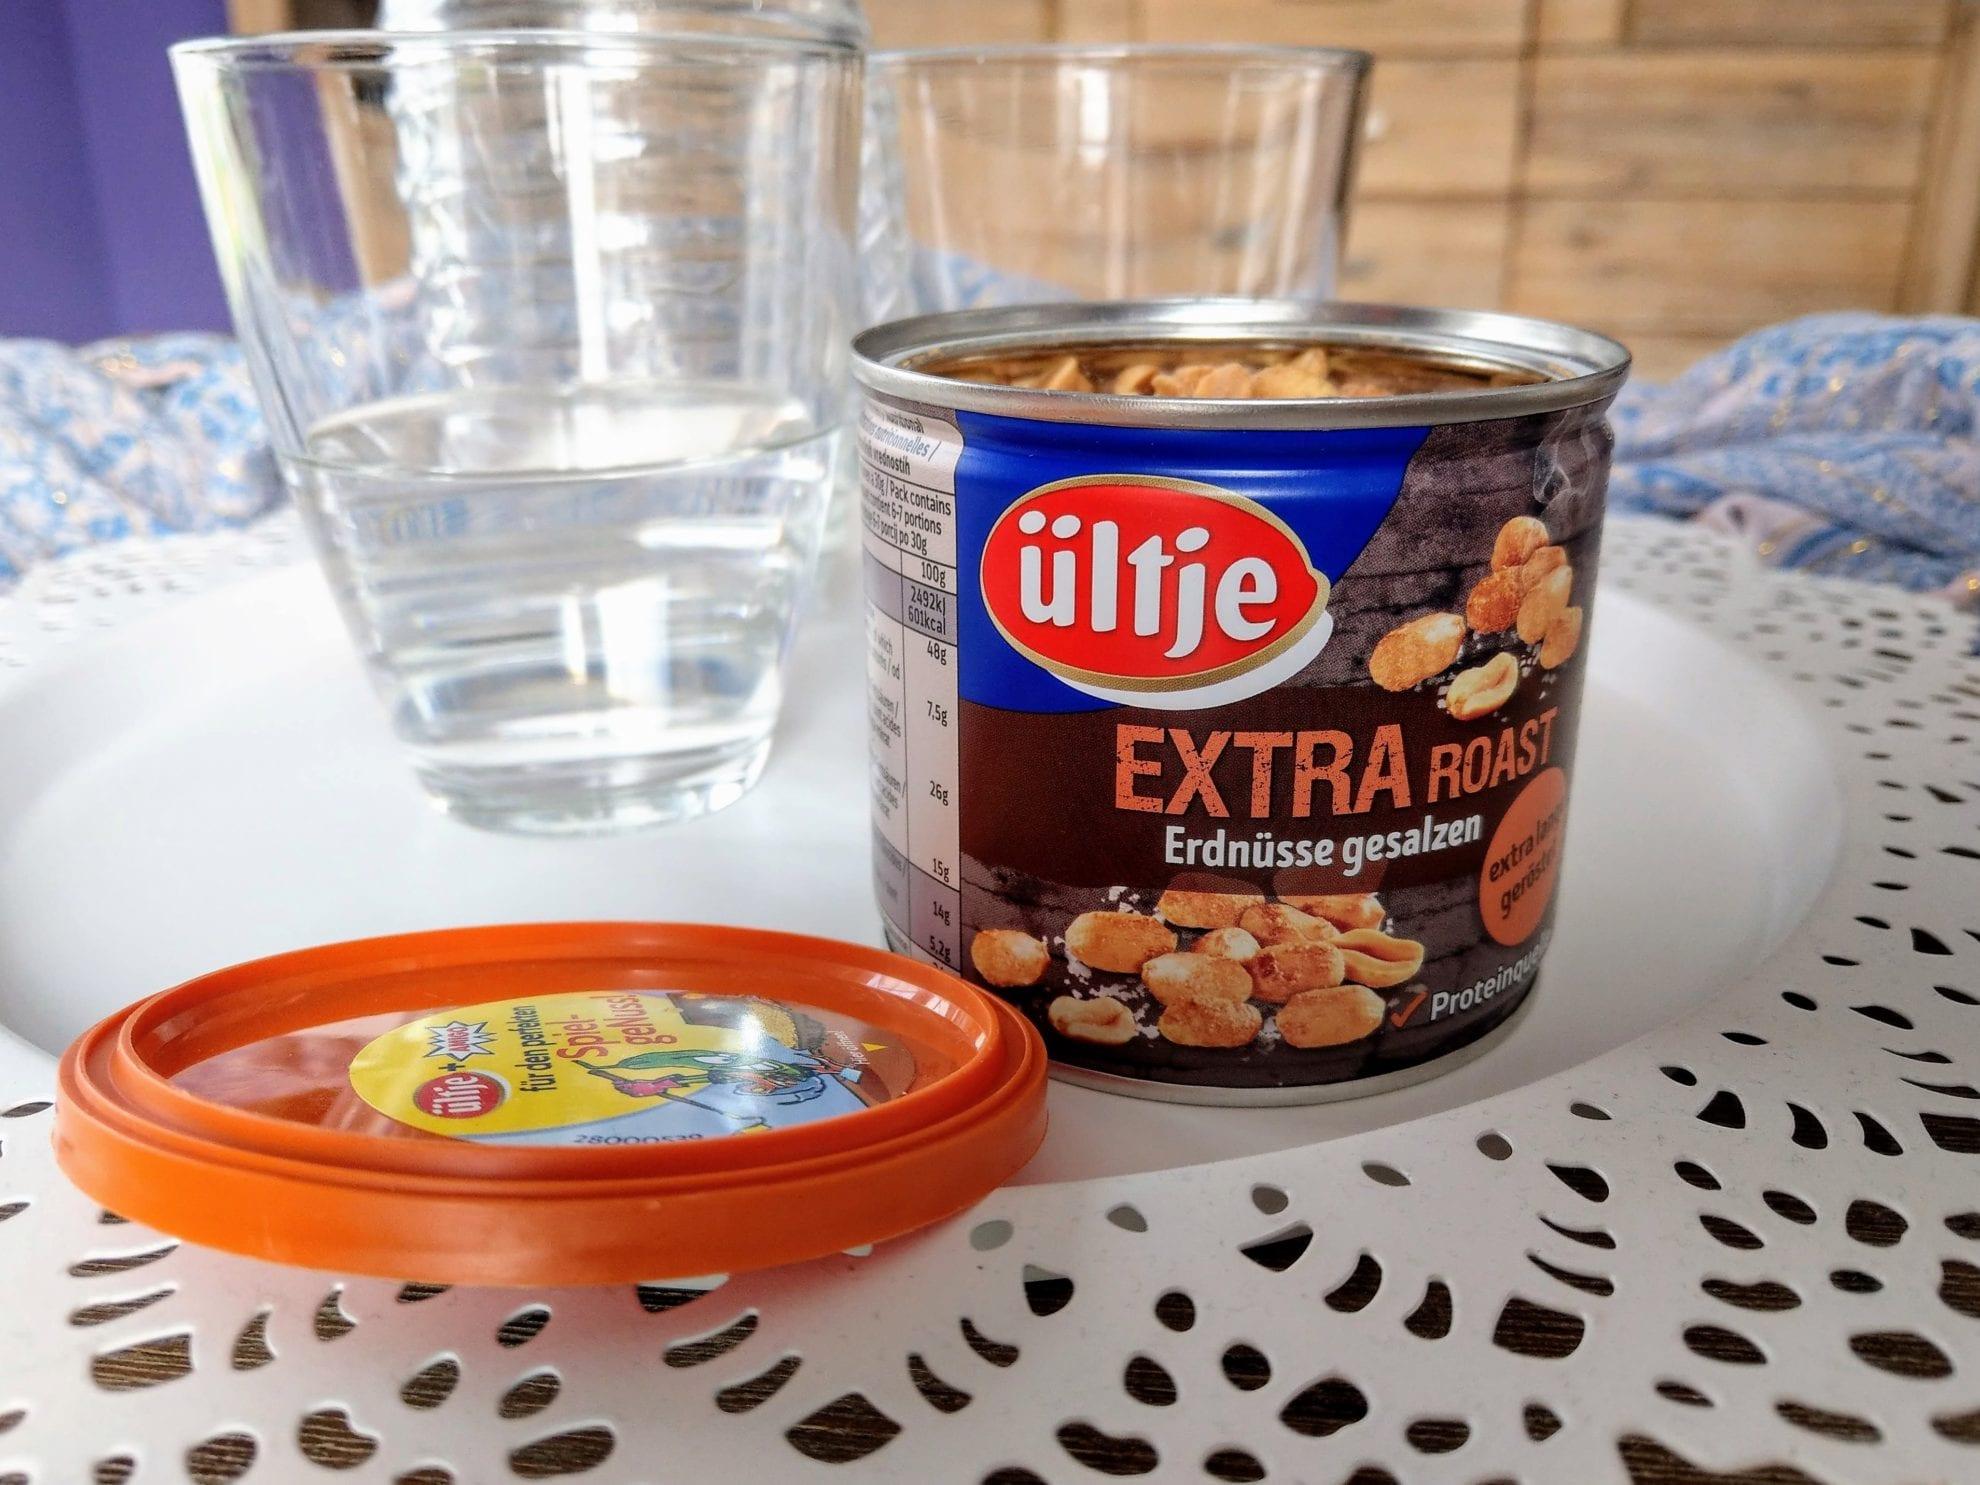 ültje Erdnüsse, extra roast, Zwischensnack